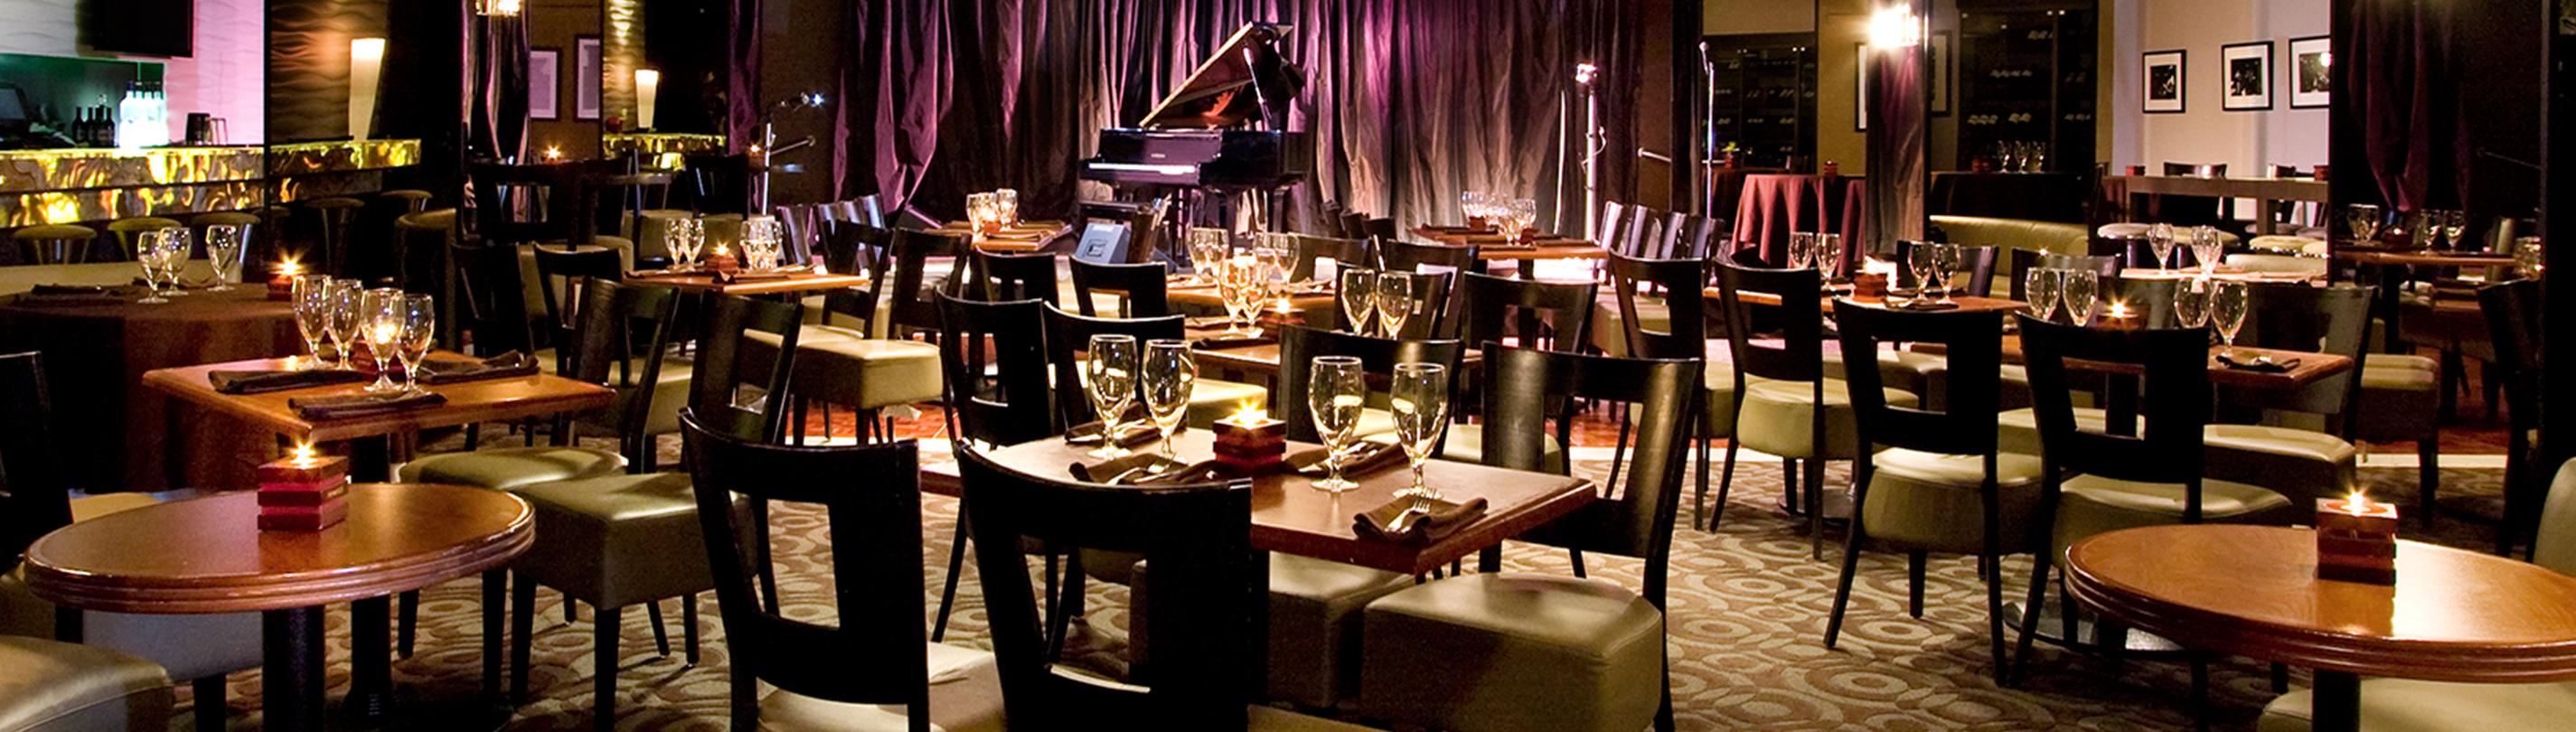 Jazz club deauville beach resort